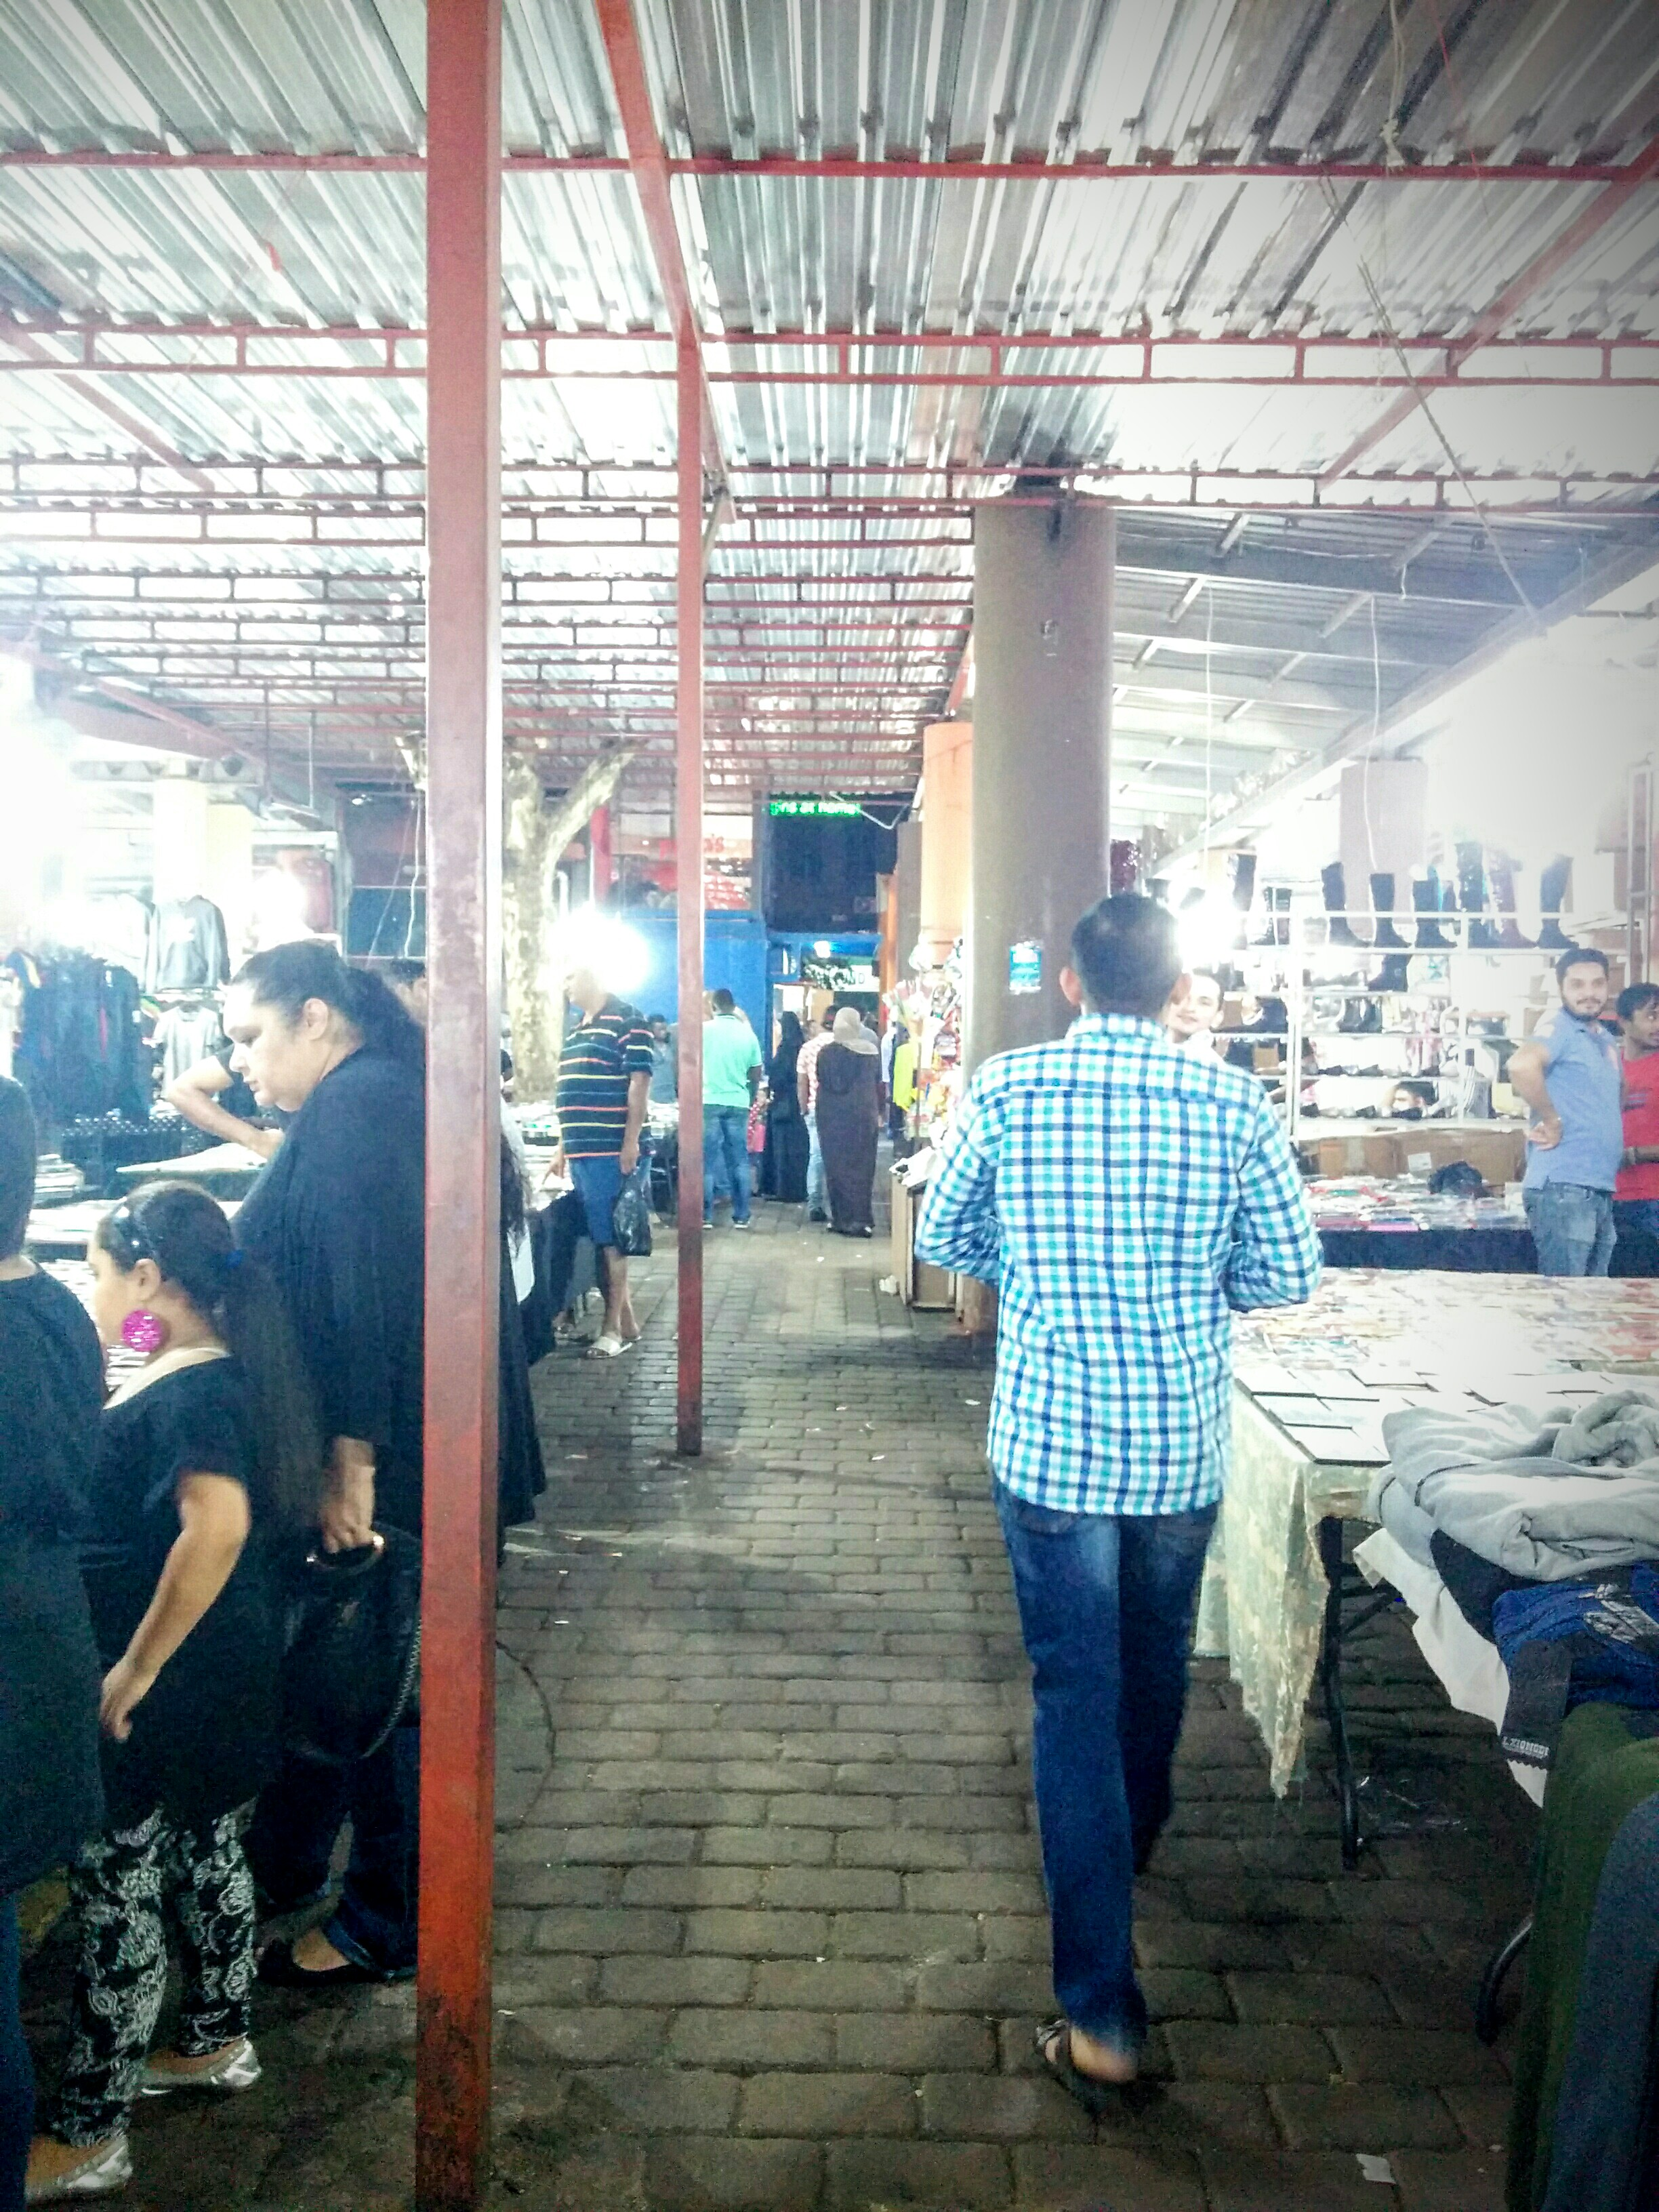 Fordsburg Market